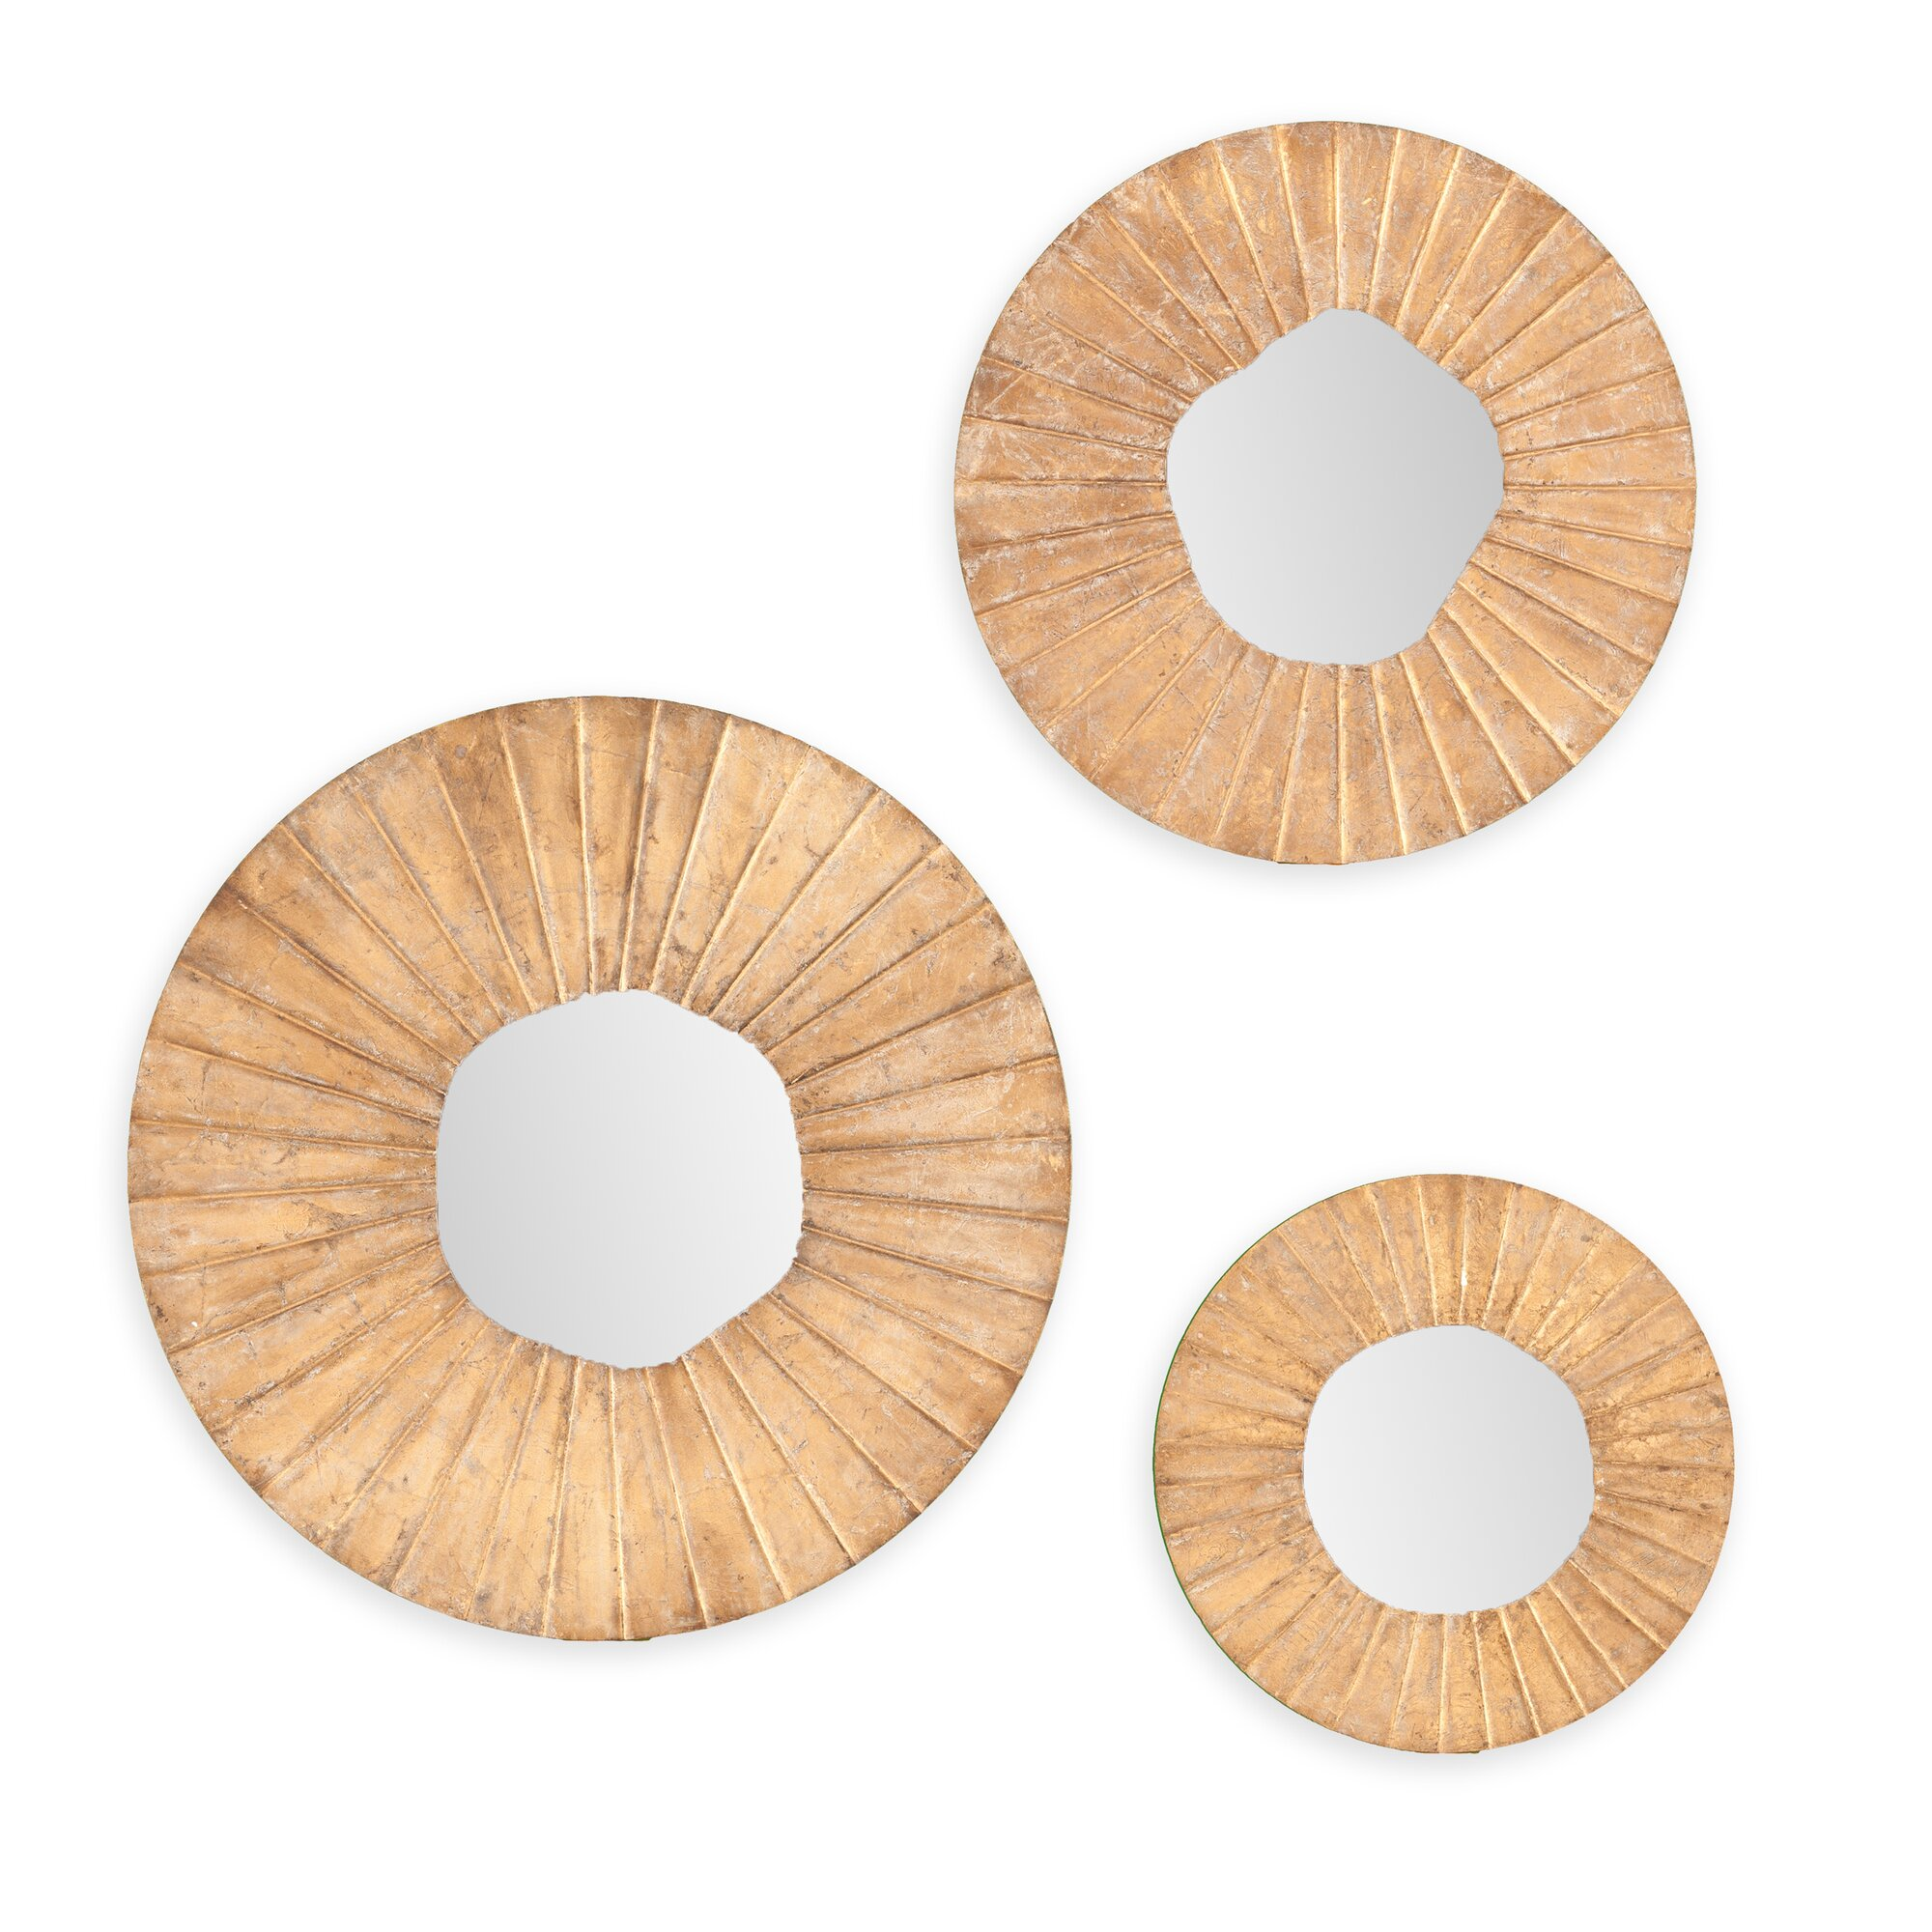 3piece astoria round wall mirror set